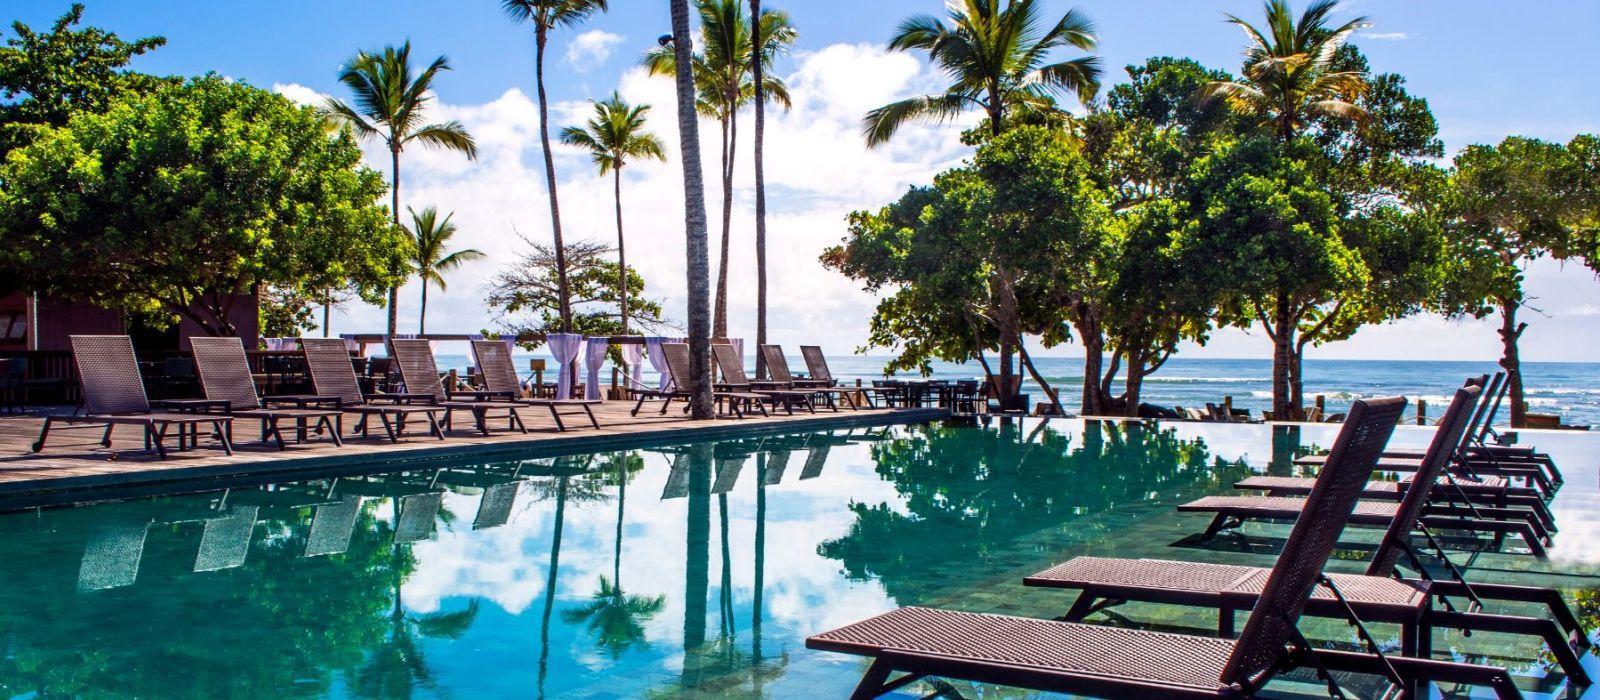 Hotel Kuara Brasilien